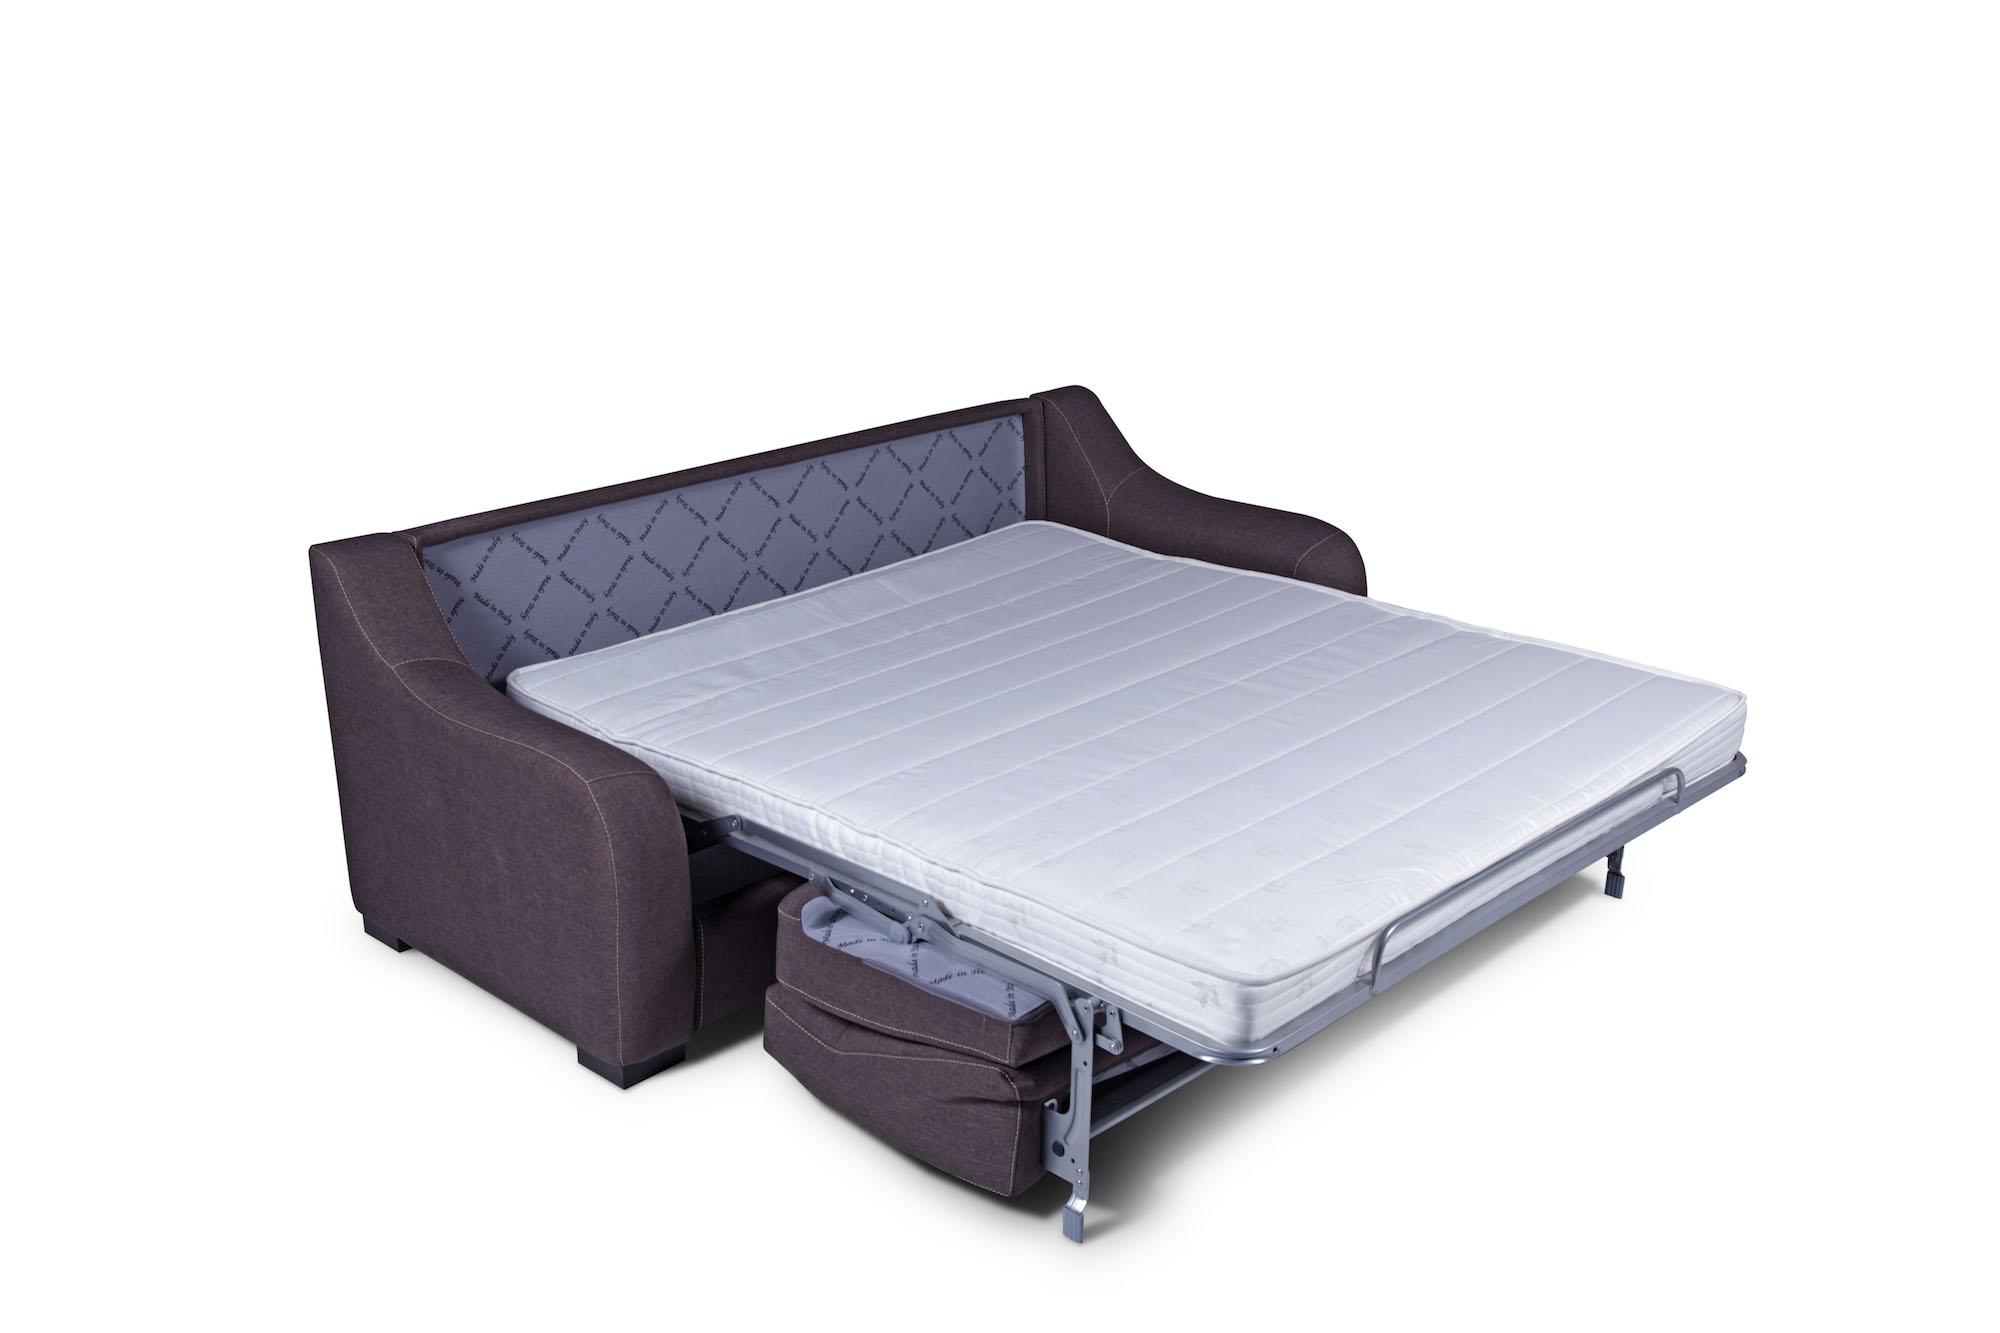 Swift cuborosso divani - Divano letto marta ...